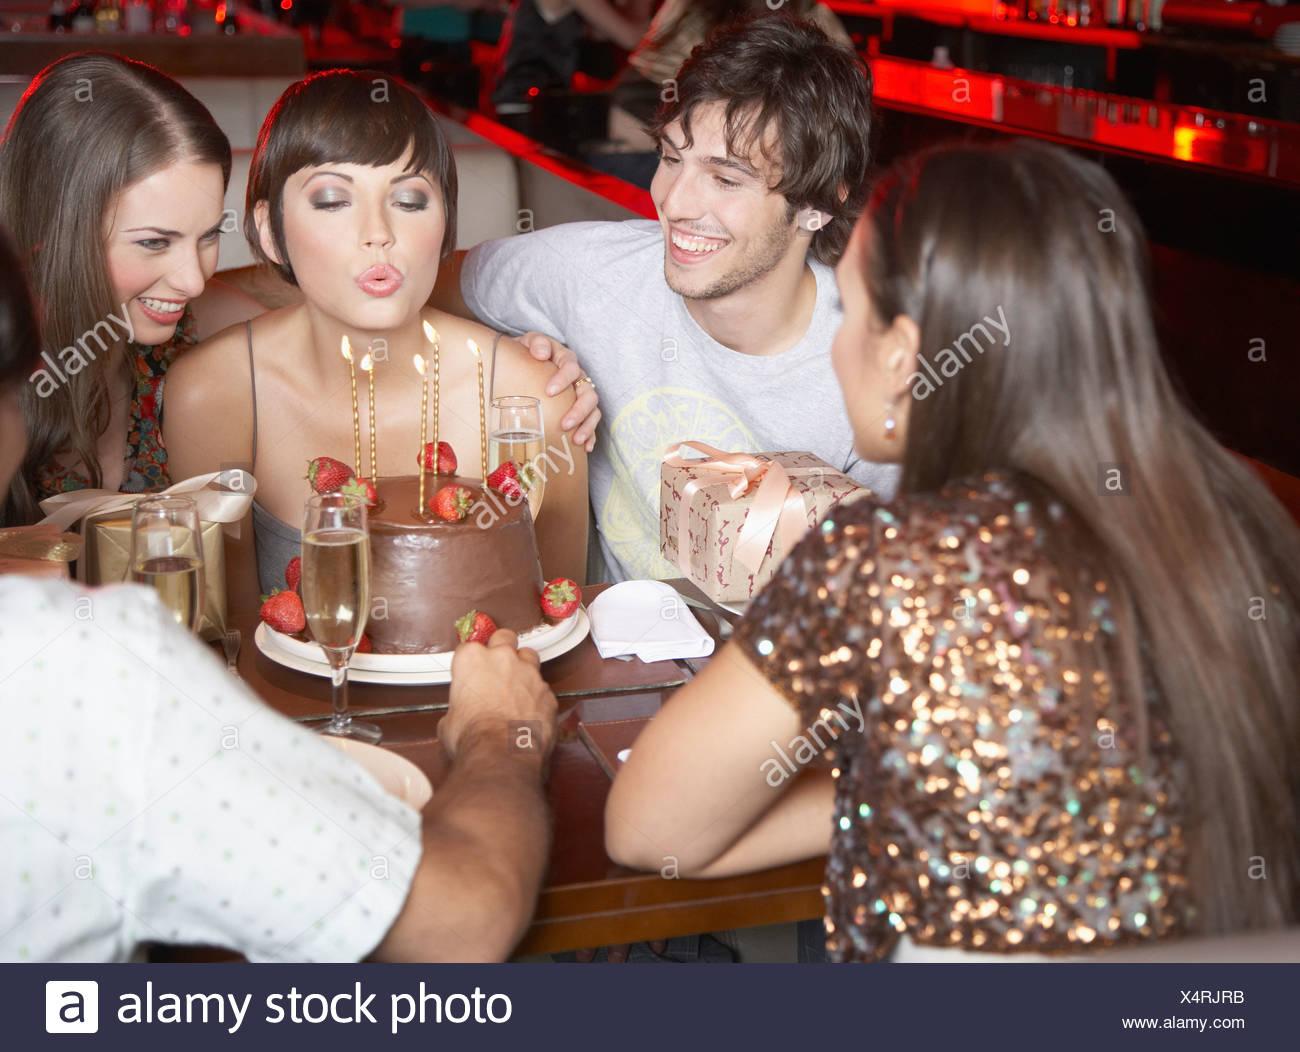 Cinco personas divirtiéndose y sonriente en una fiesta de cumpleaños en un restaurante Imagen De Stock